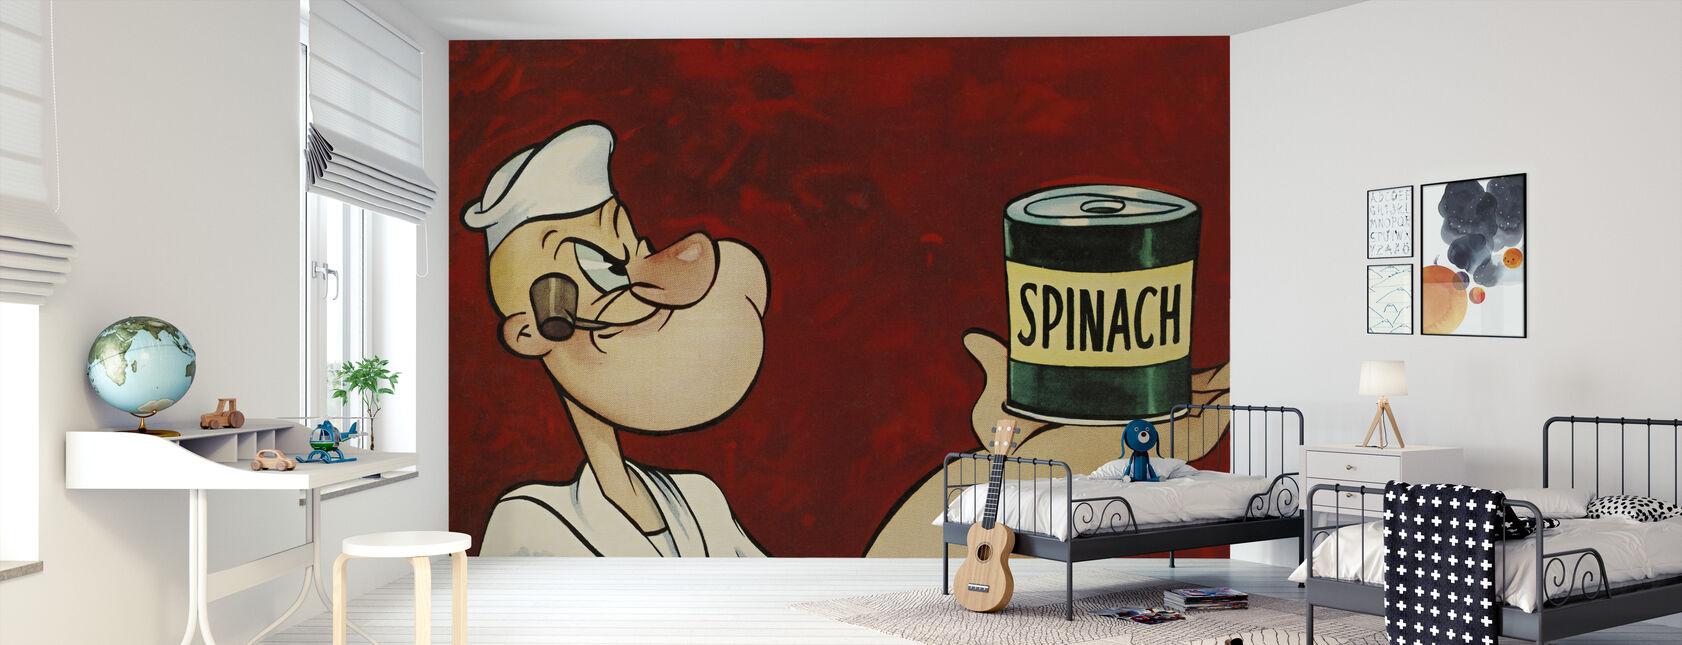 Popeye the Sailor - Wallpaper - Kids Room